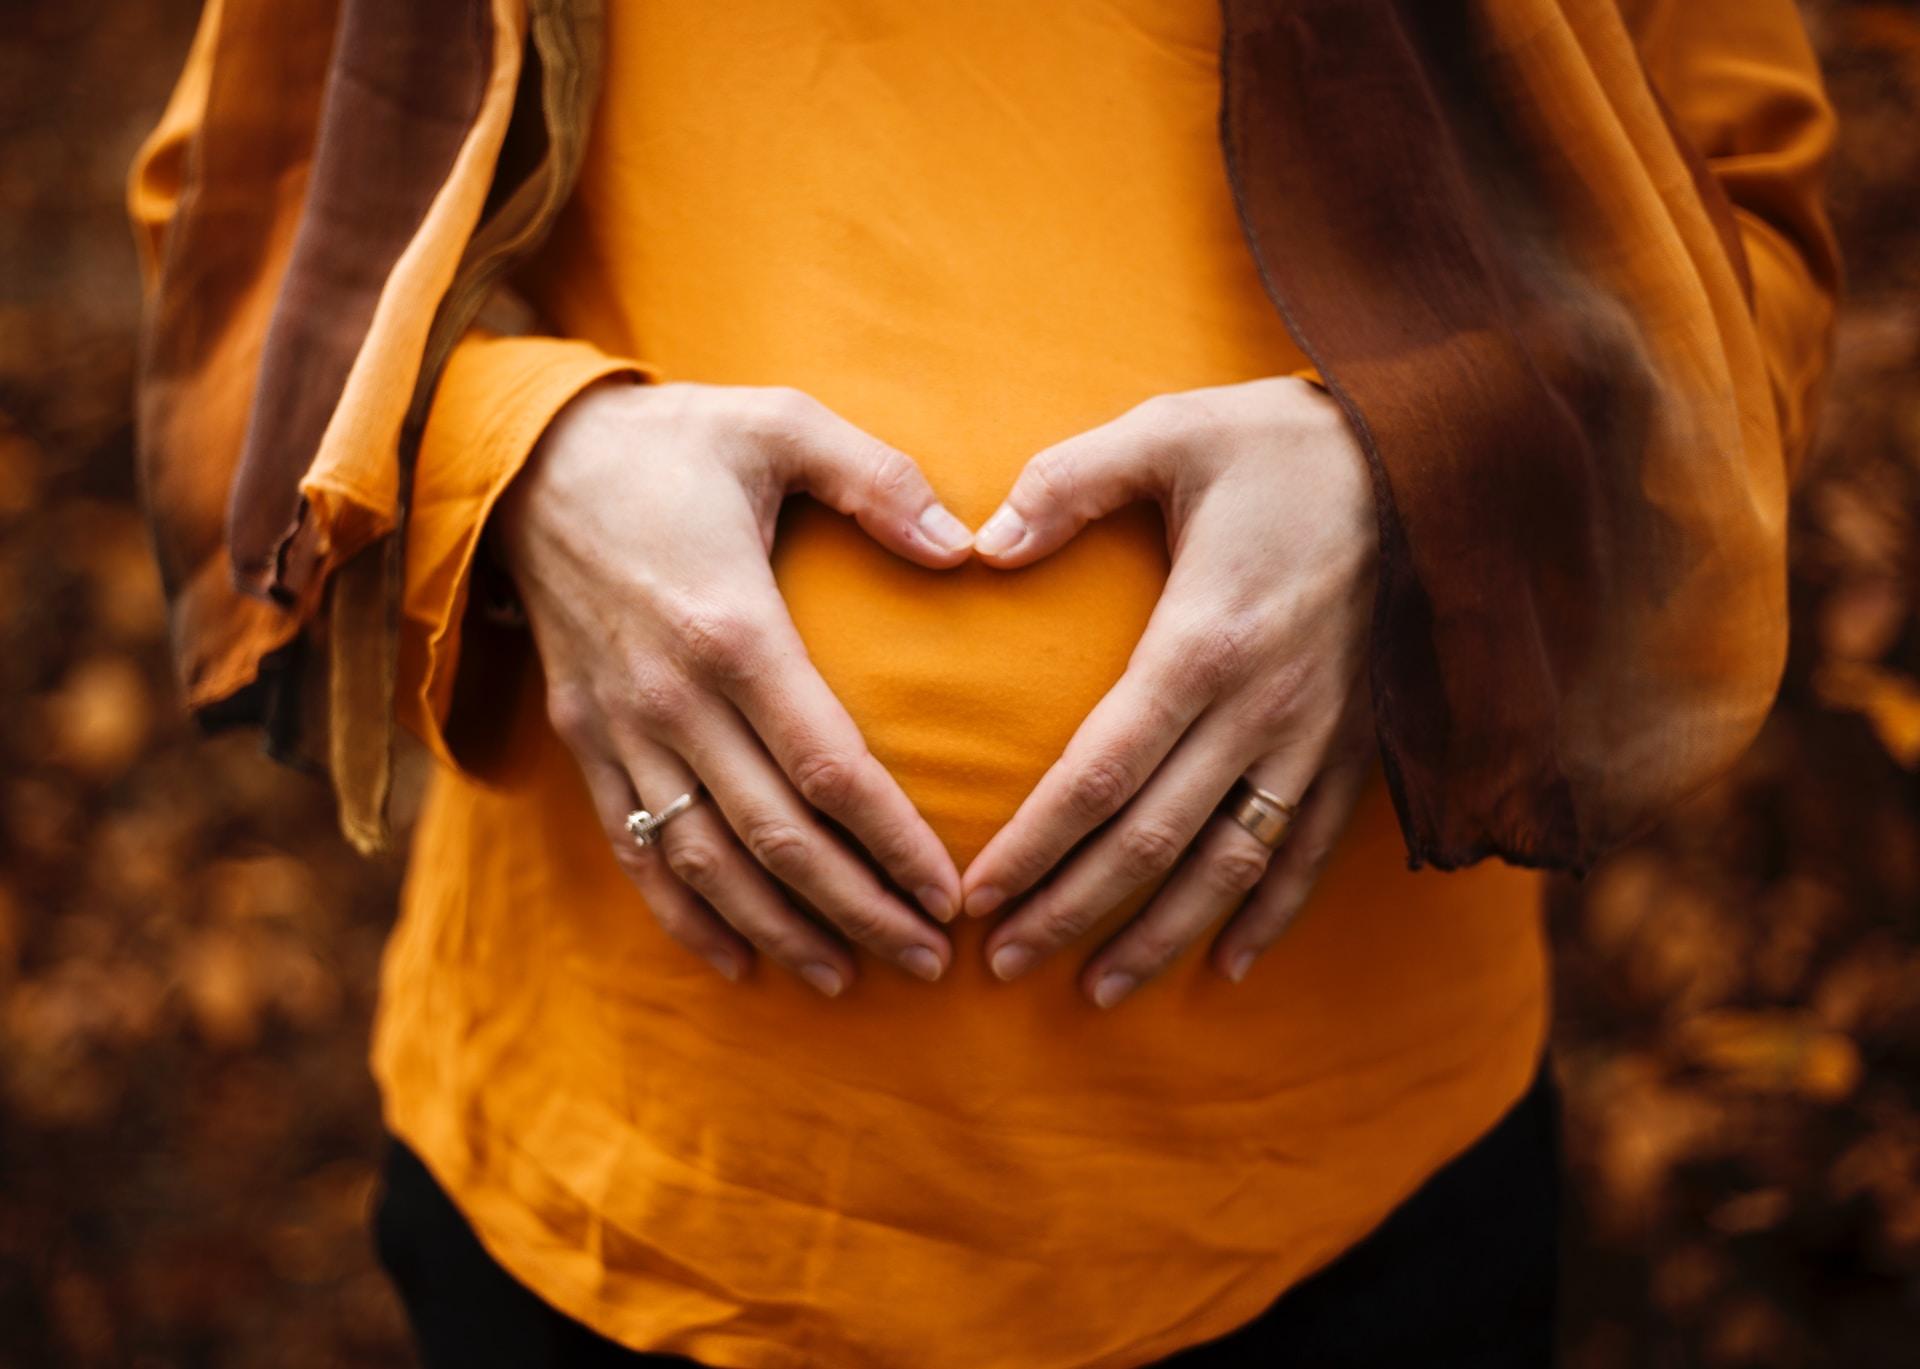 Οι εννέα μήνες του μωρού σας